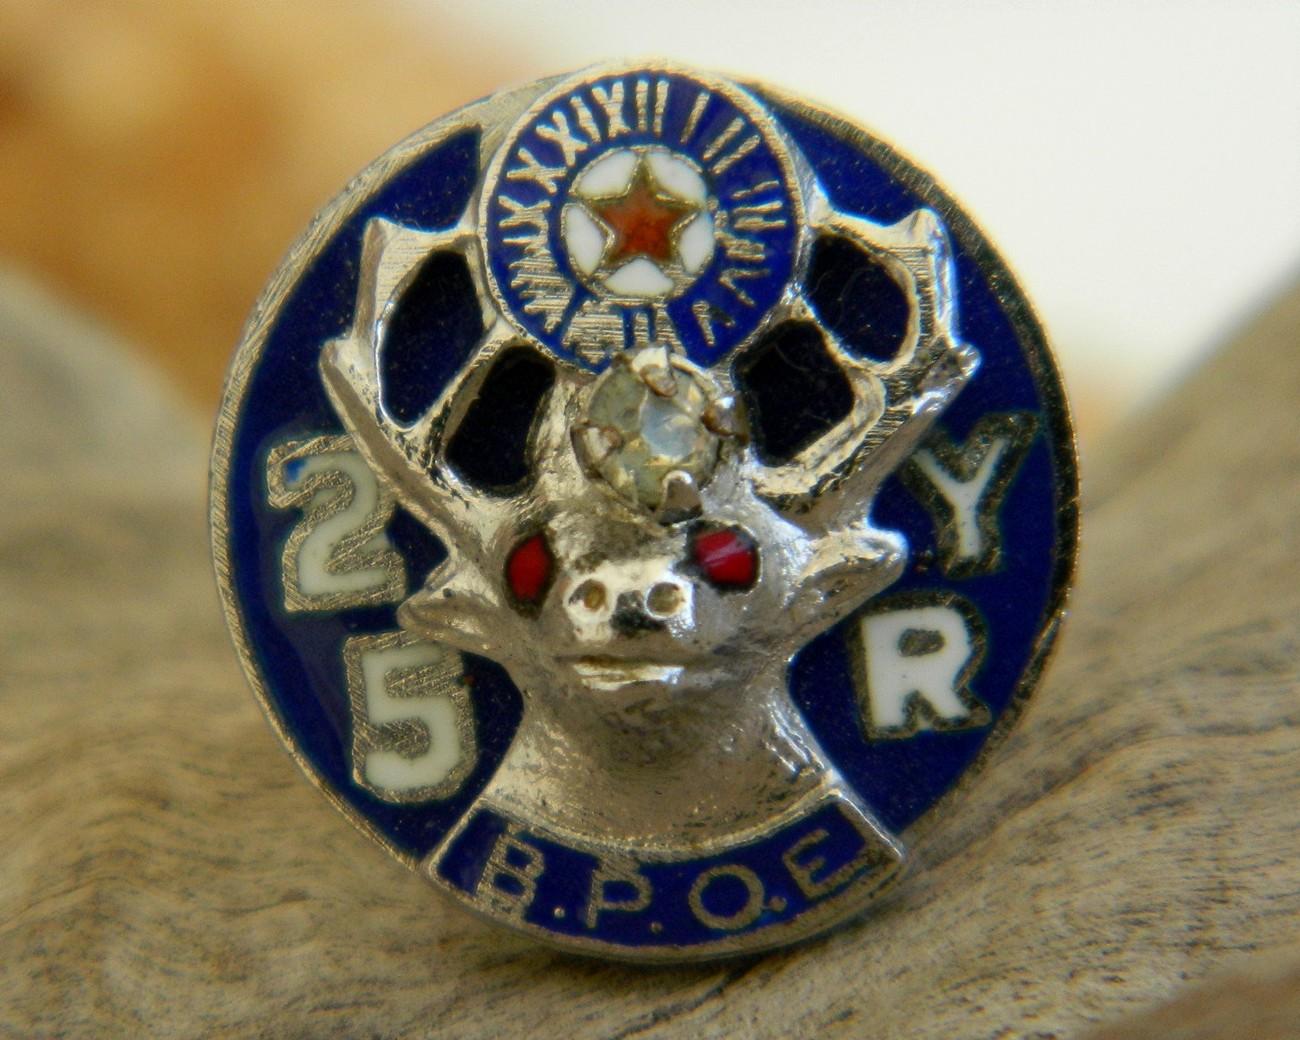 Vintage elk bpoe 25 year enamel lapel pin membership fraternal